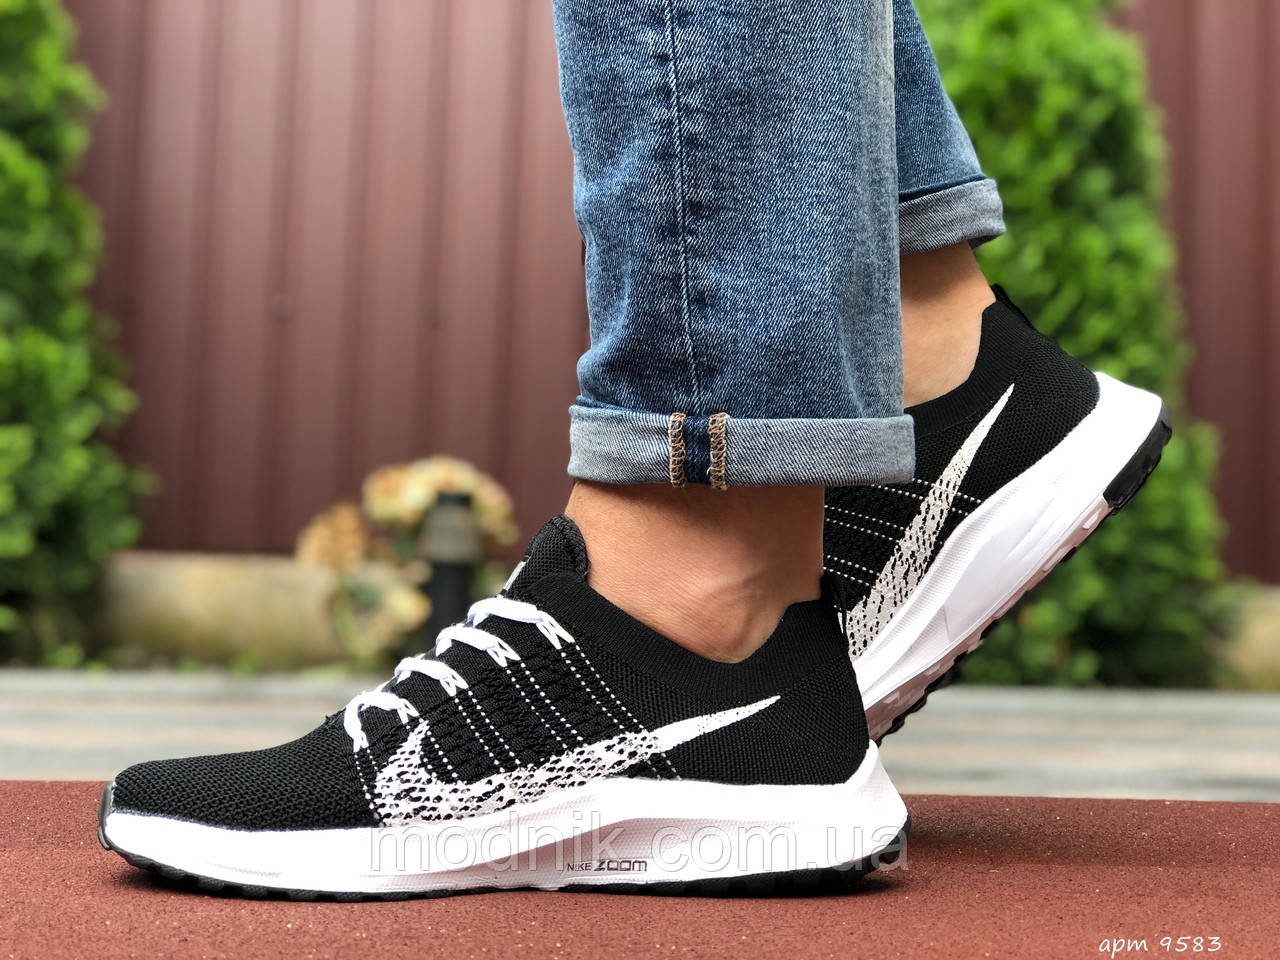 Мужские кроссовки Nike Zoom (черно-белые) 9583